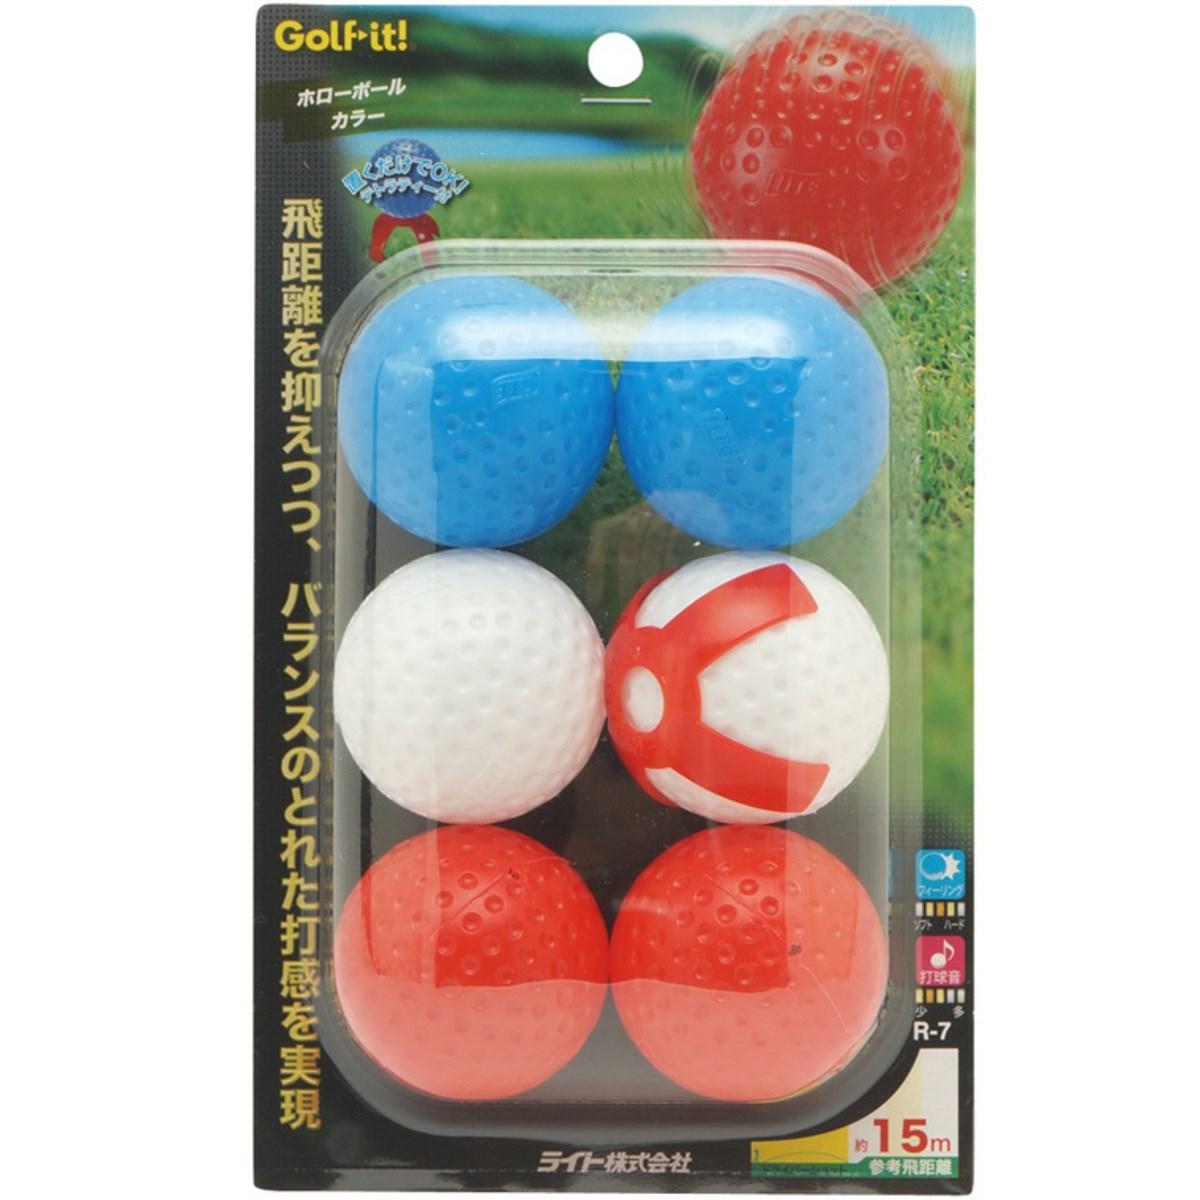 ライト ホローボール6個入り ゴルフ